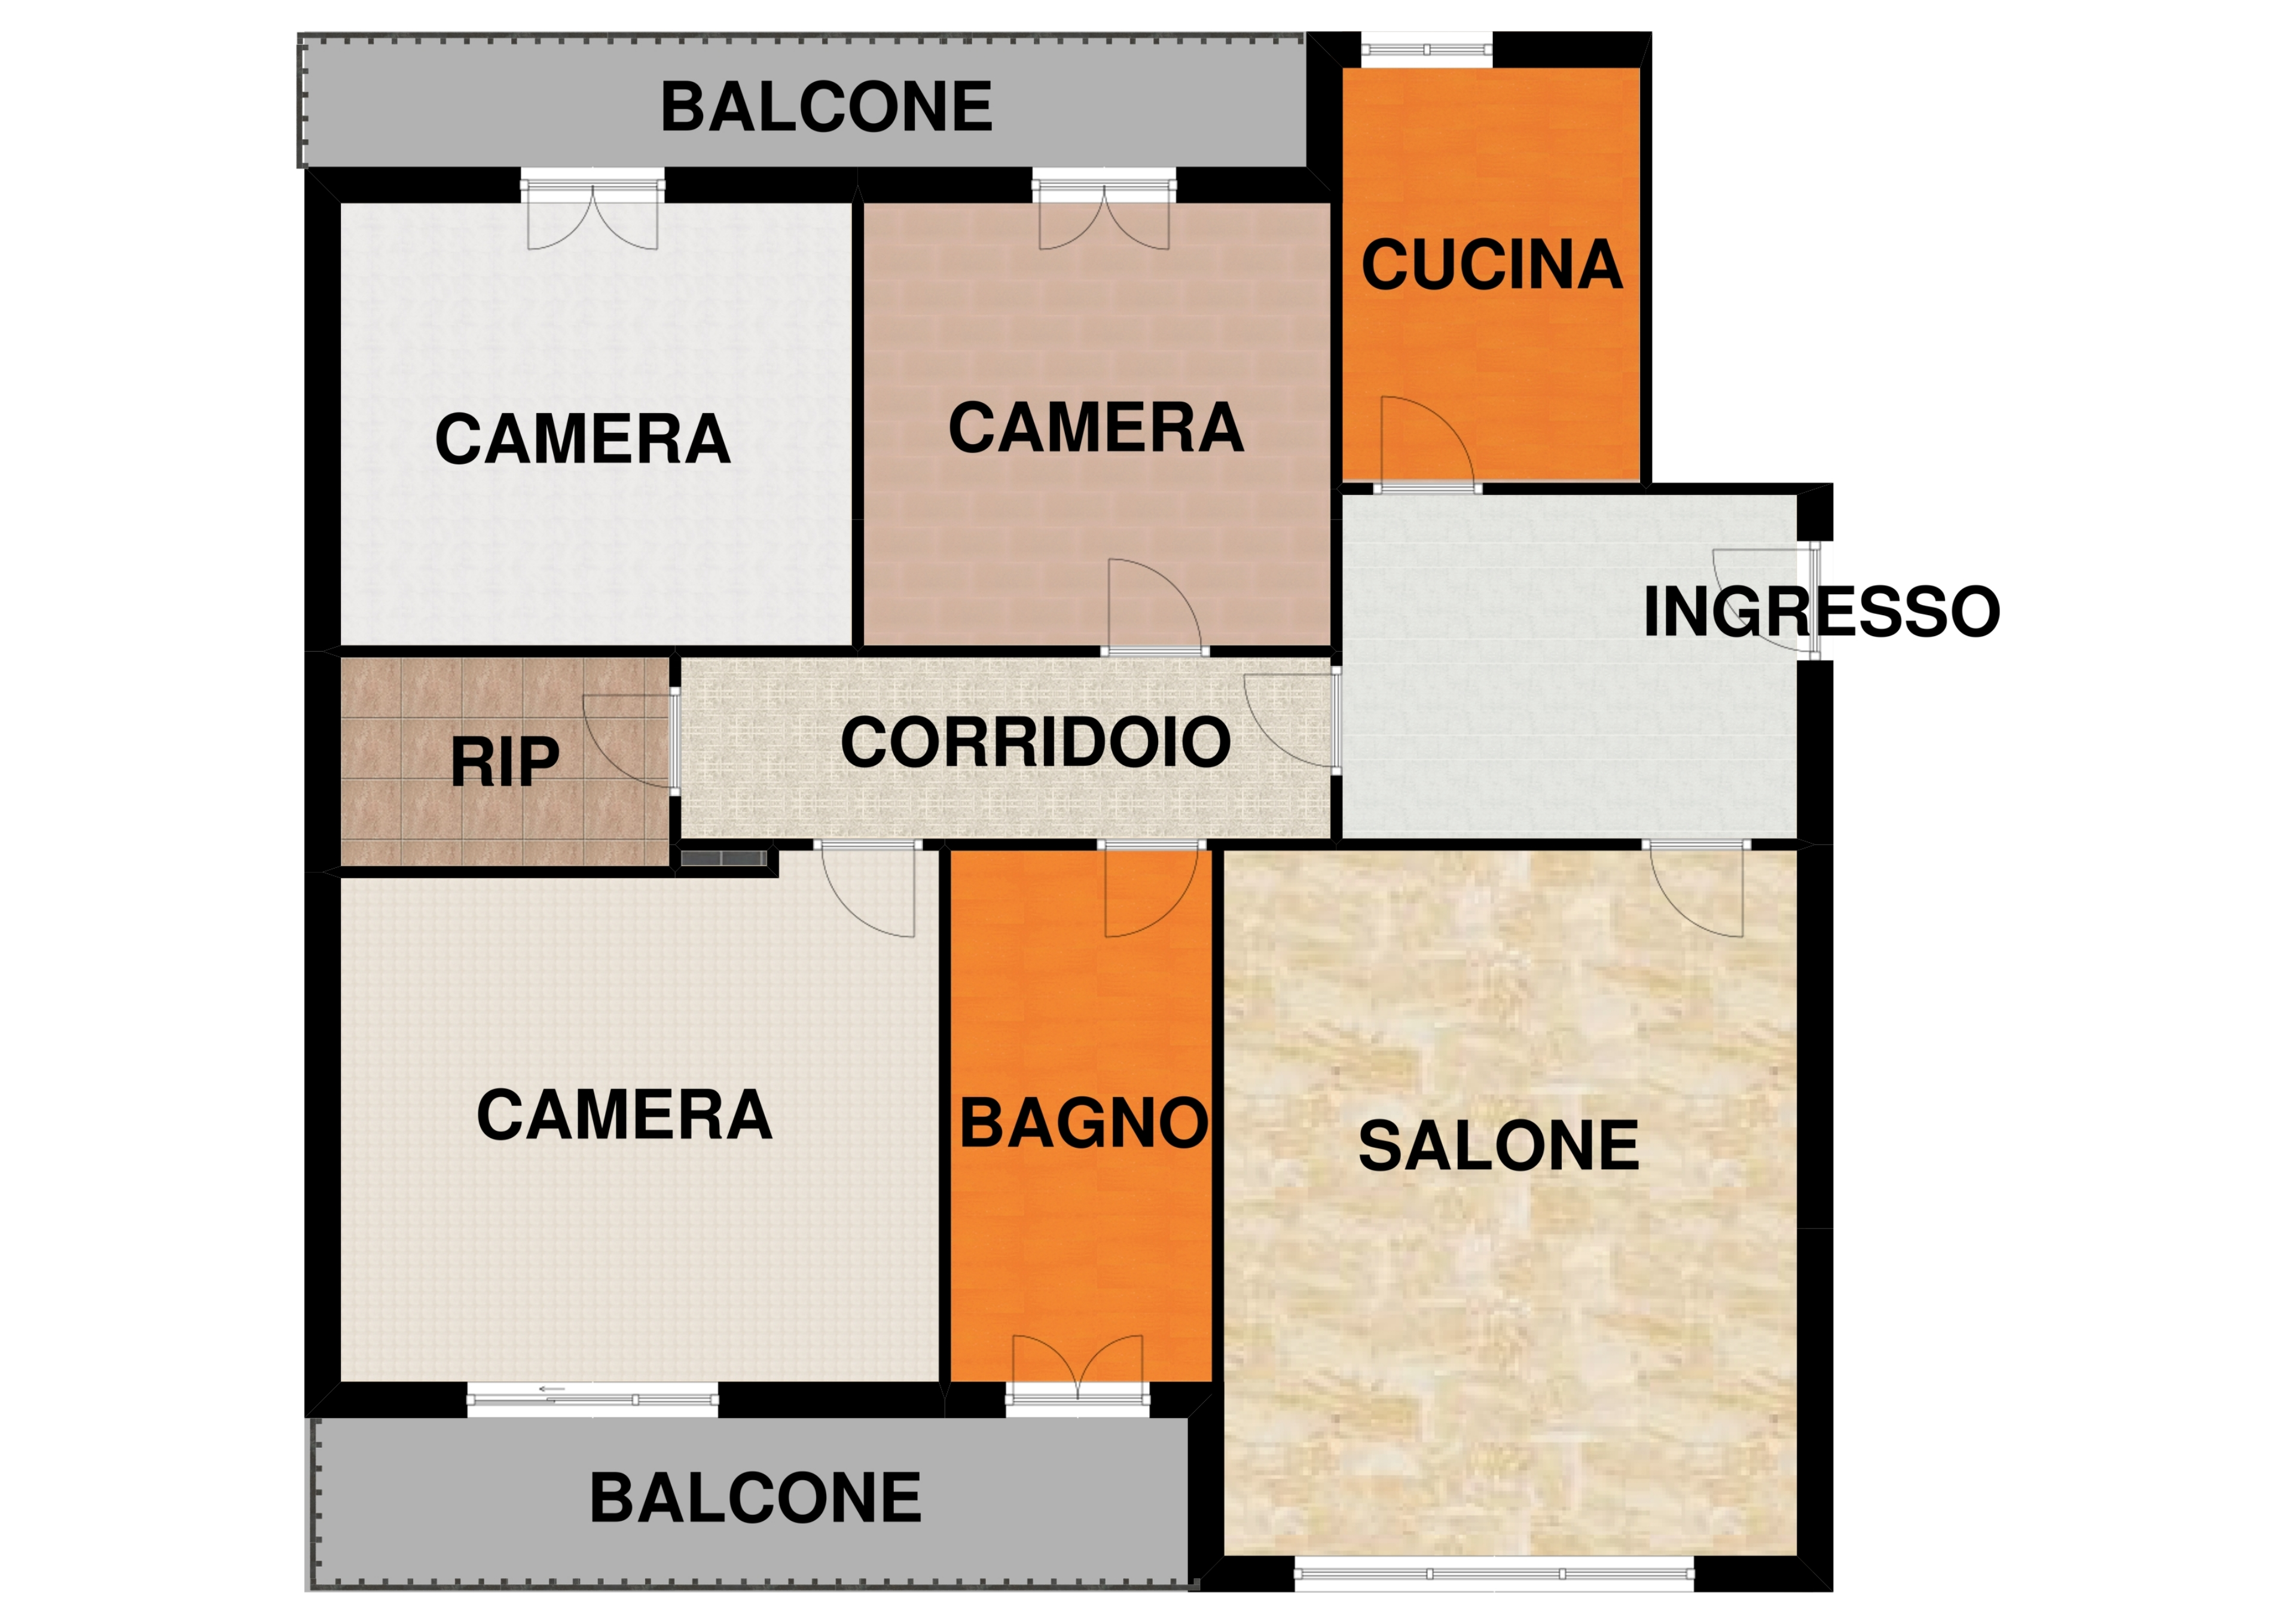 Appartamento 4 vani ed accessori ad Avellino